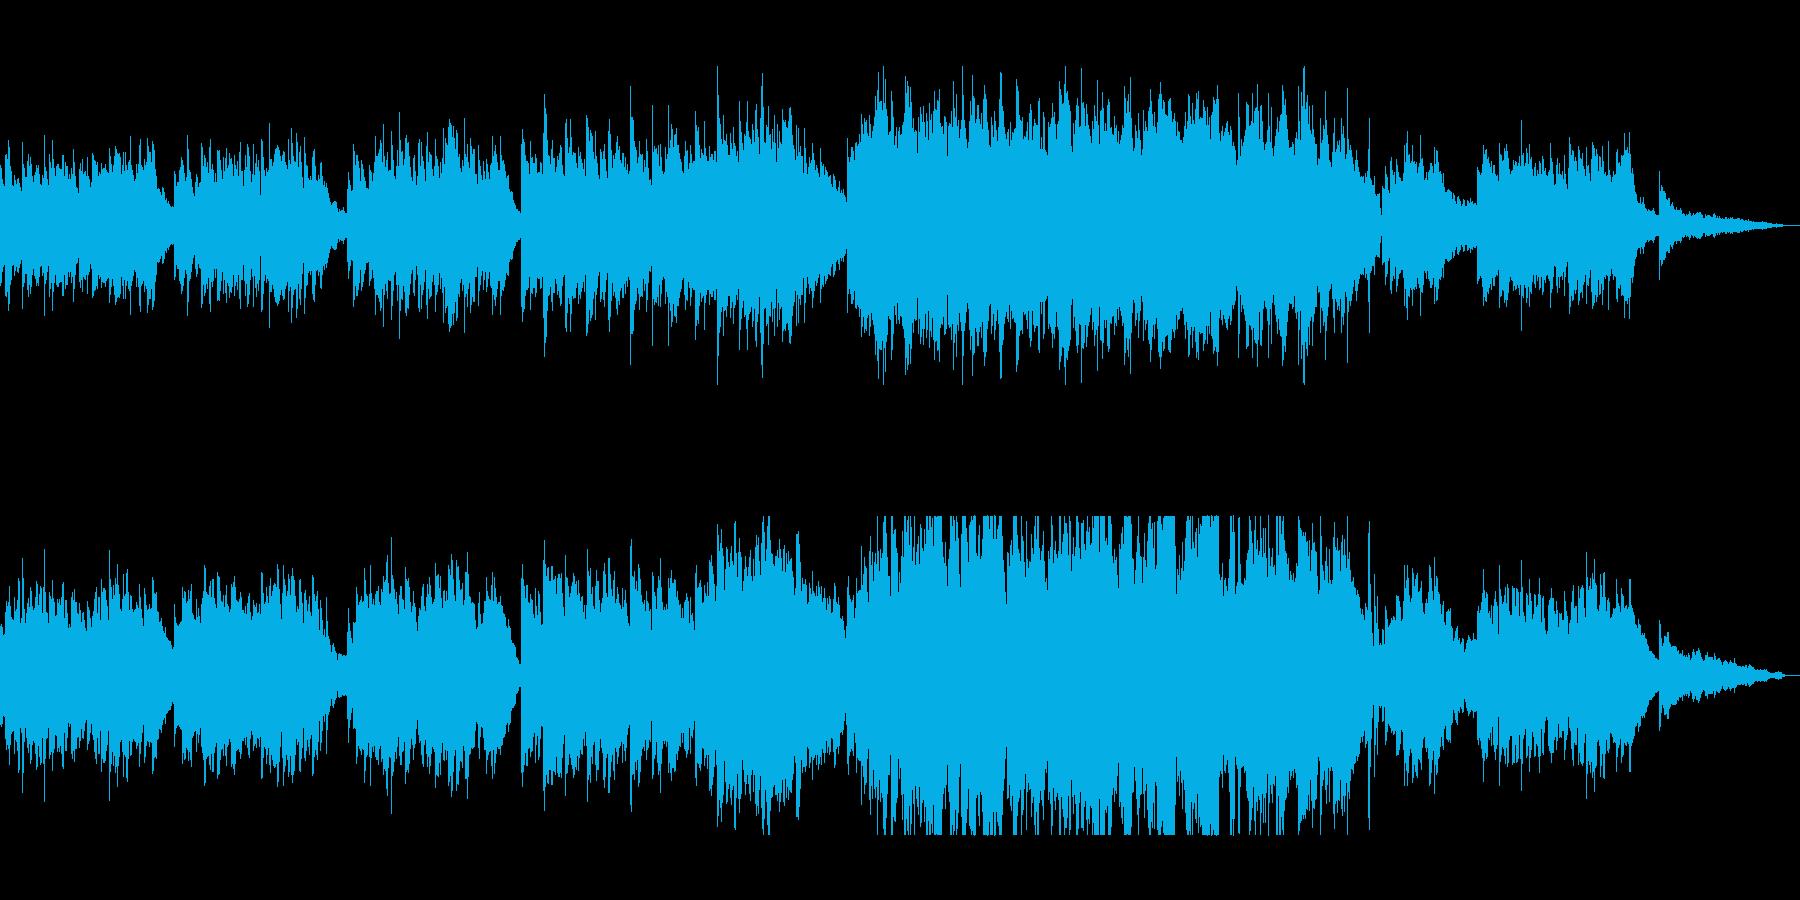 新しい事の始まりに聴きたいウキウキする曲の再生済みの波形